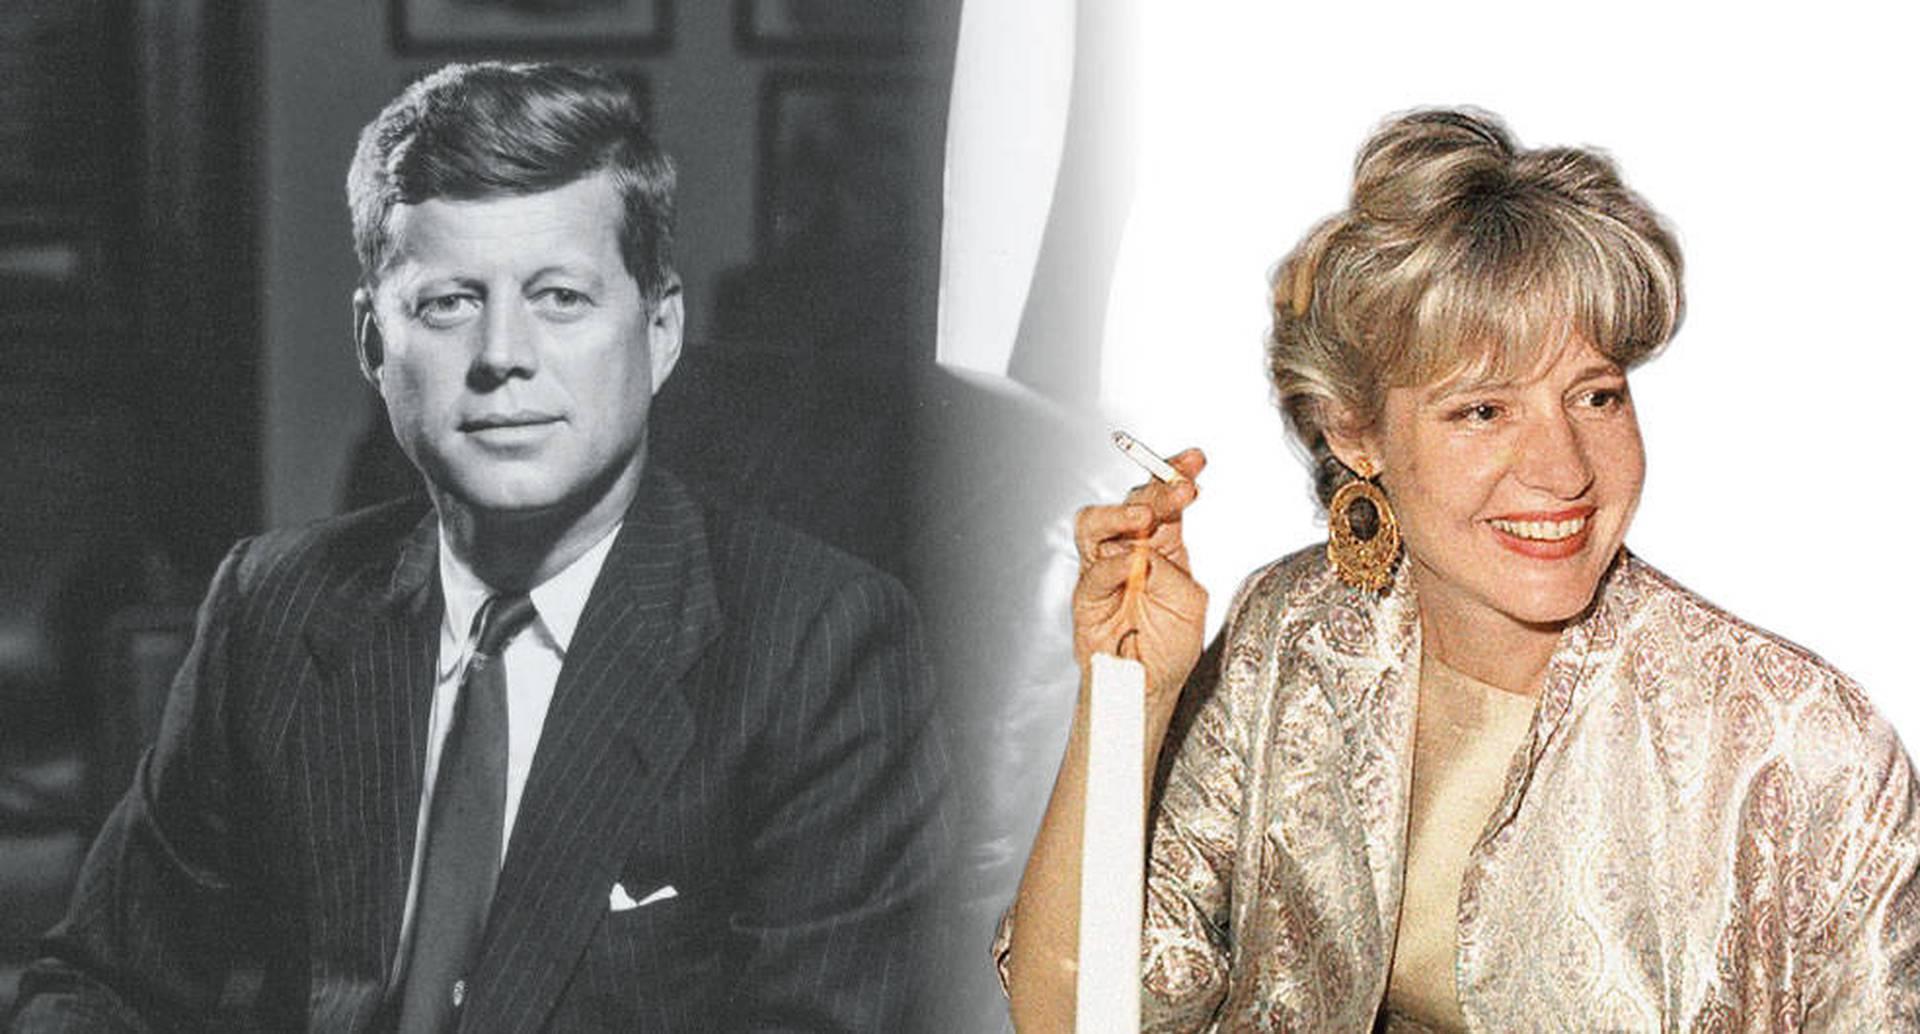 Kennedy y Pinchot Meyer fueron amantes durante casi tres años, y, según algunos biógrafos, la relación dejó en él una huella profunda. En 2017 subastaron una carta escrita por el presidente, unas semanas antes de su muerte, en la que le pedía visitarlo pronto.